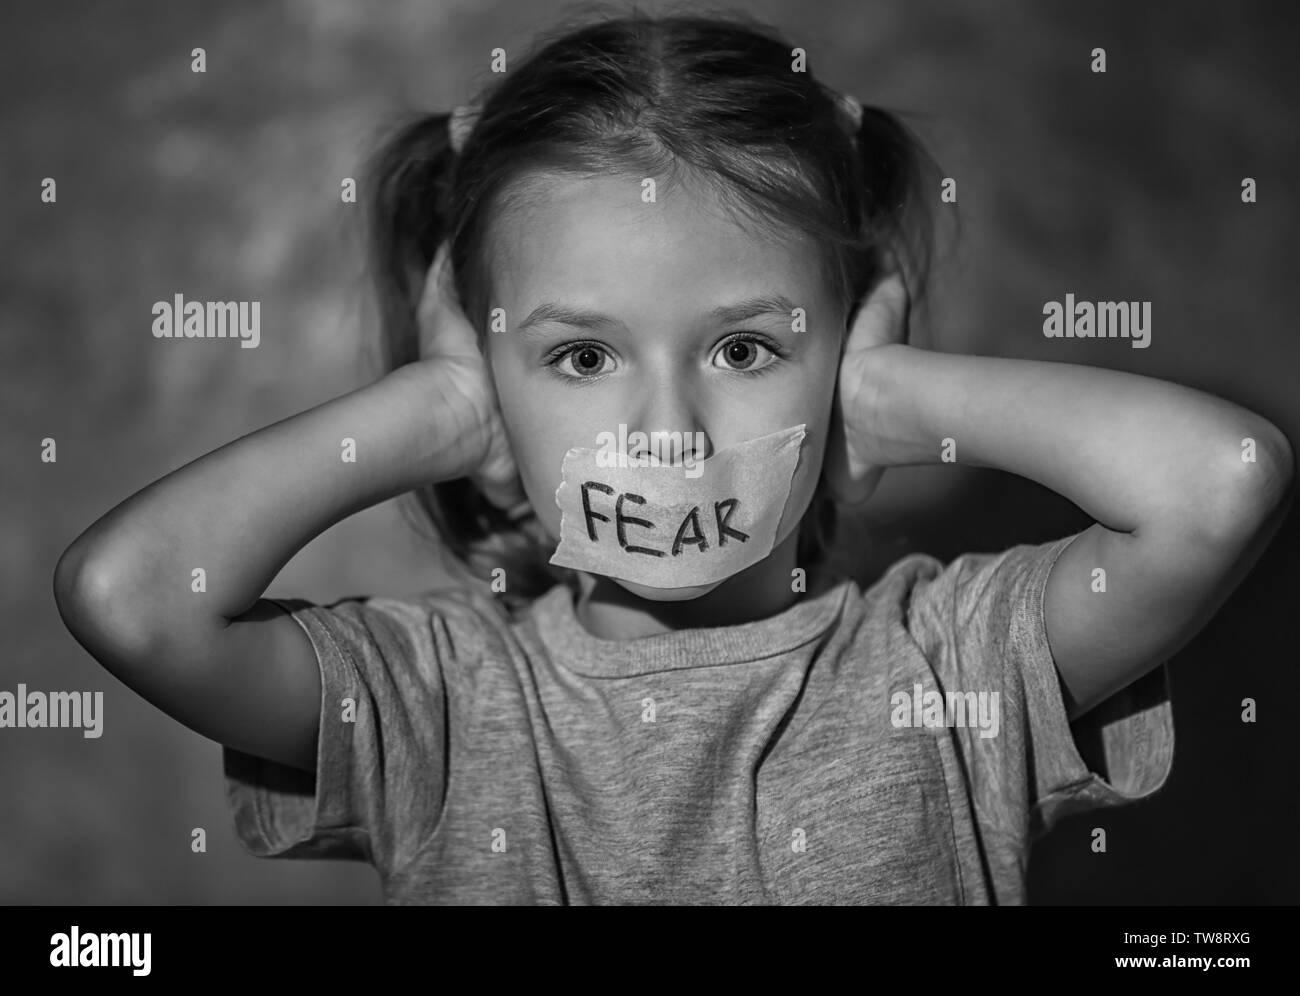 """Trauriges kleines Mädchen mit Getapten Mund und das Wort """"Angst"""" auf grauem Hintergrund, schwarze und weiße Wirkung Stockbild"""